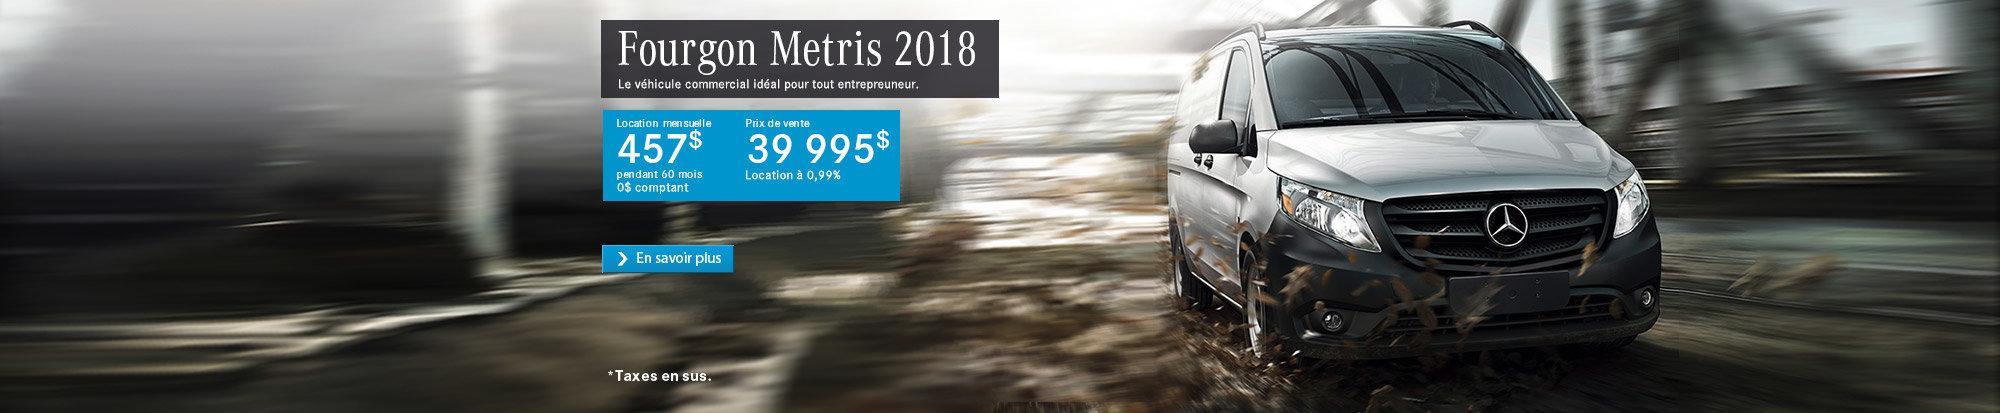 Le Metris 2018 - web